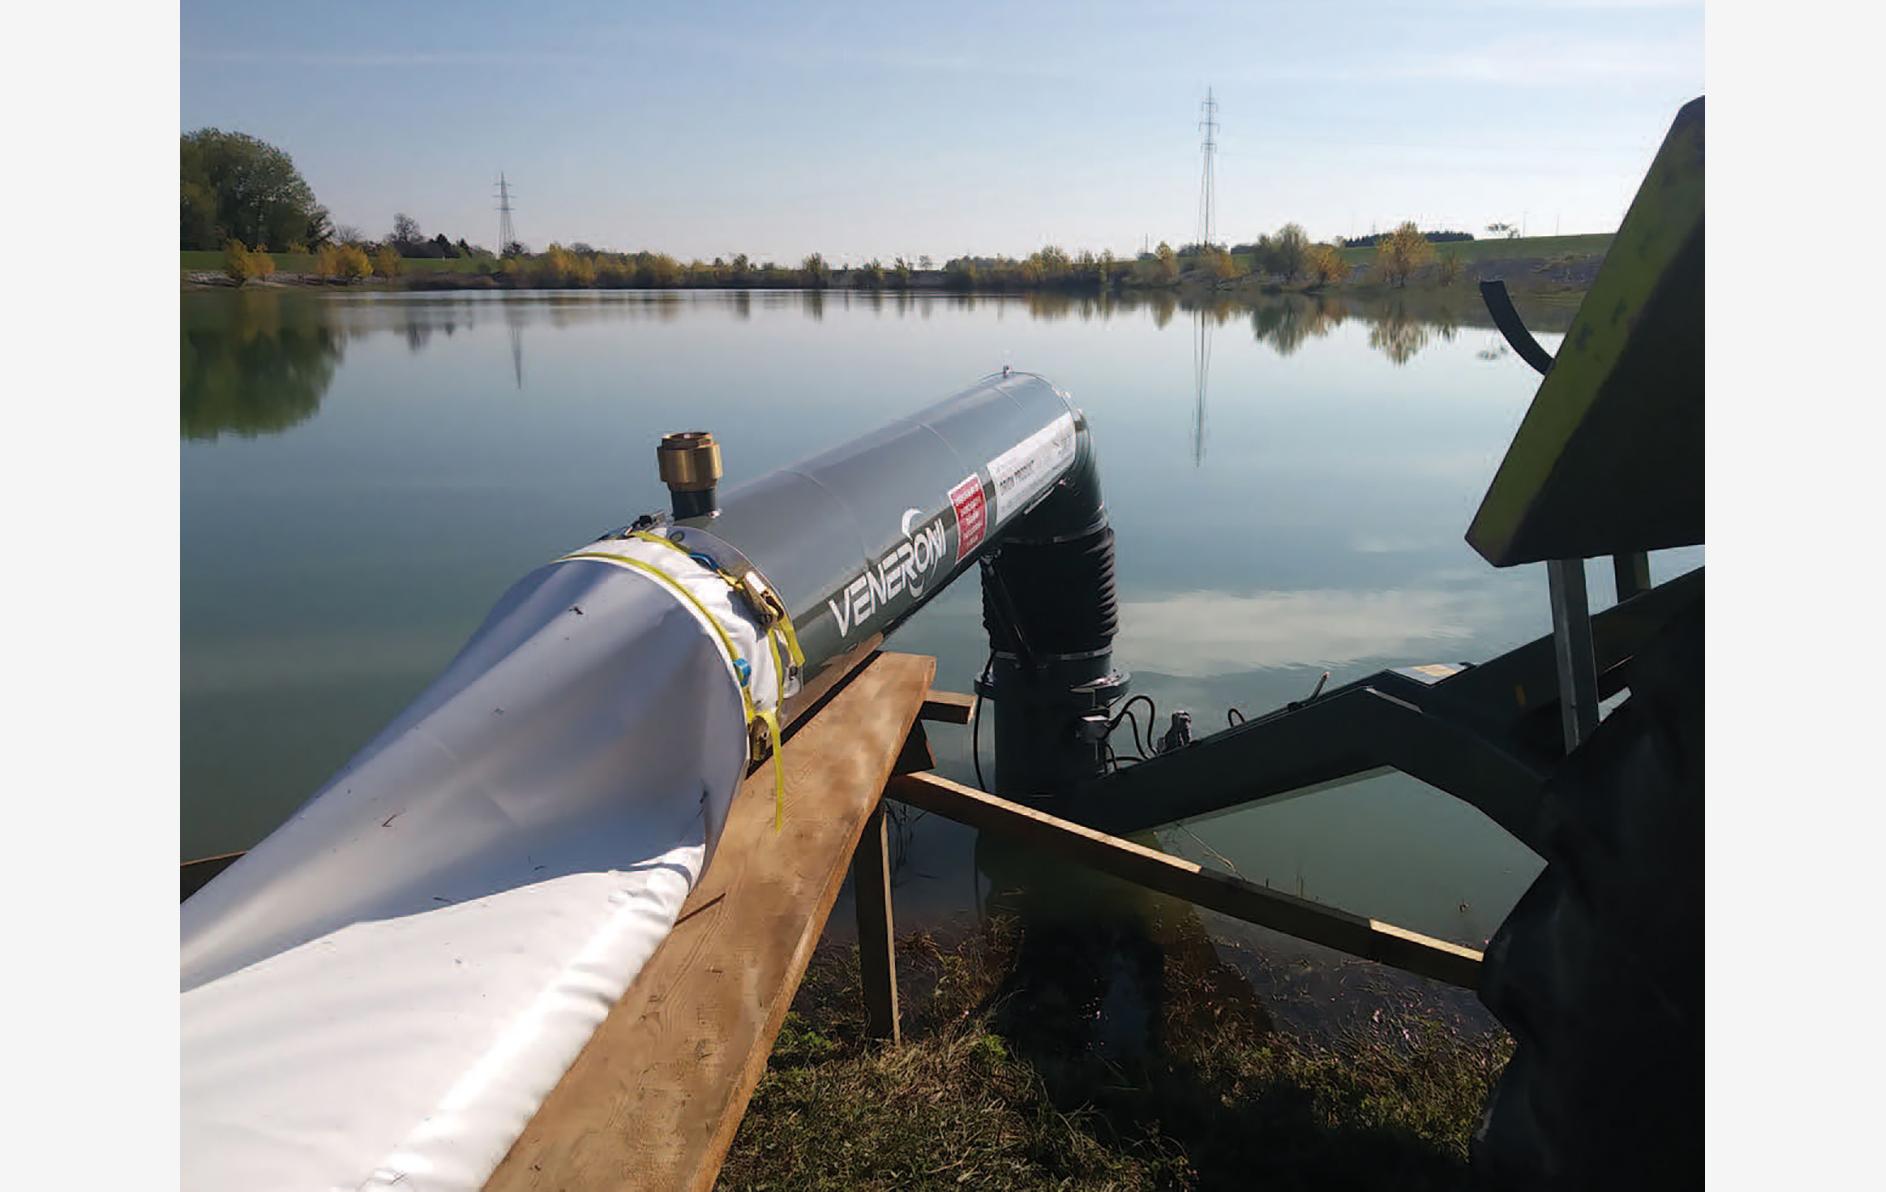 Croazia pompa mobile irrigazione Veneroni